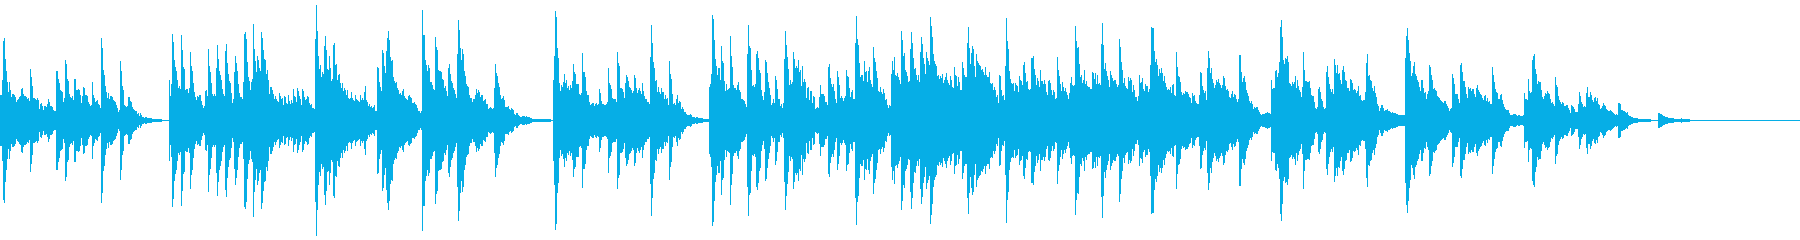 哀愁のある素朴な小曲(ピアノ+シンセ)の再生済みの波形